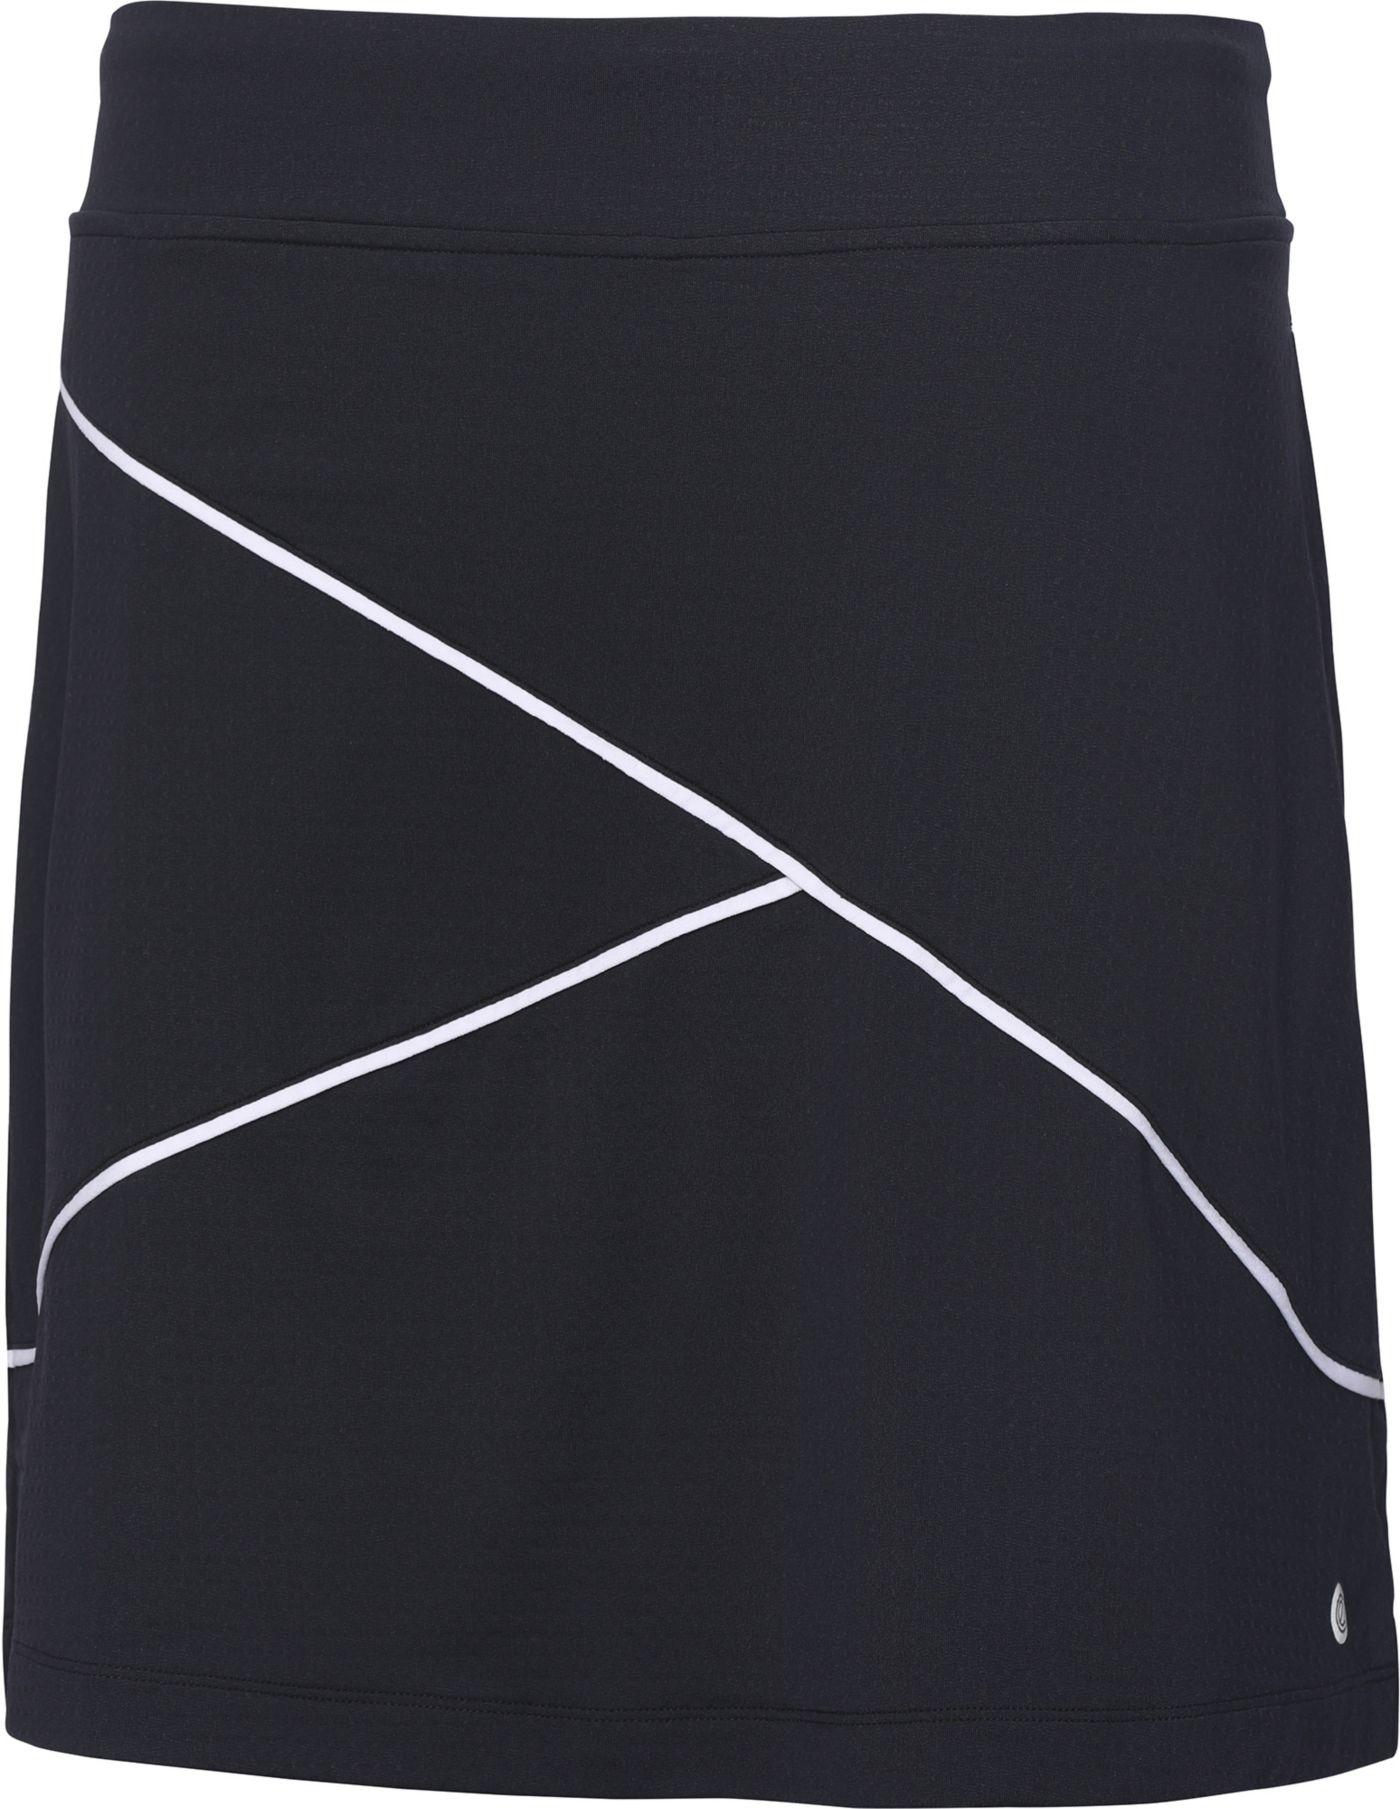 Bette & Court Women's Glee Pull-On Golf Skirt